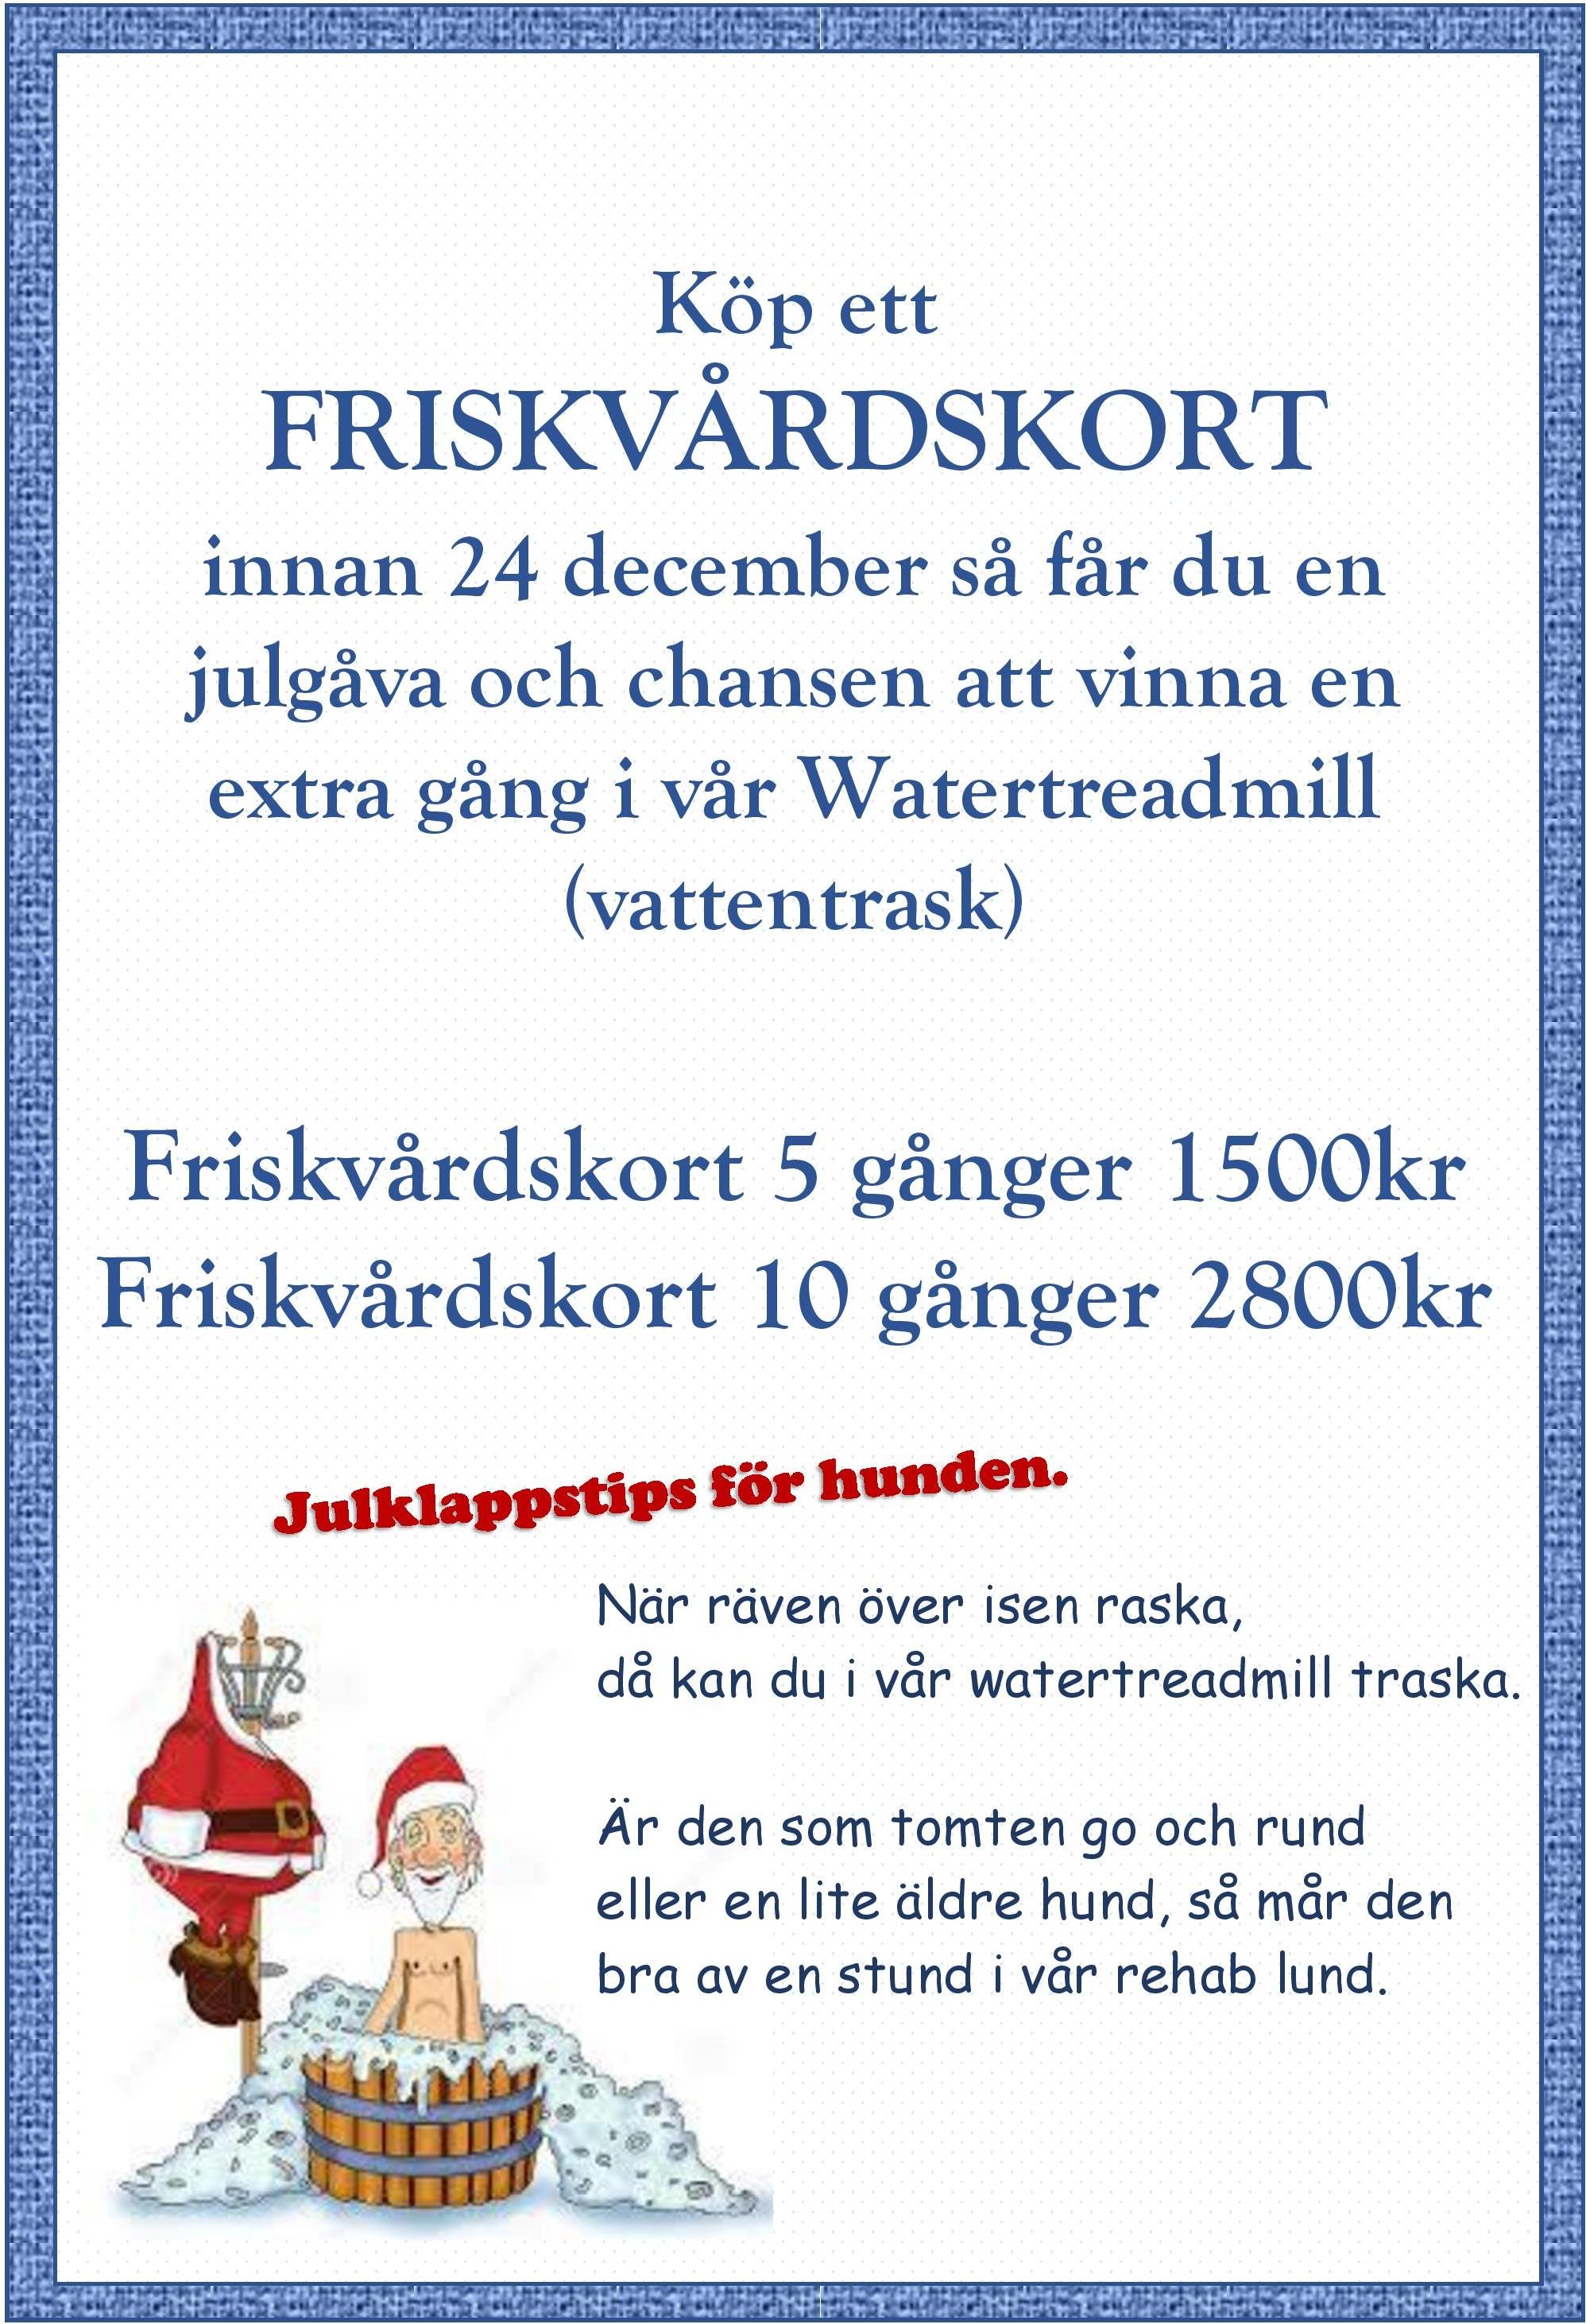 friskvårdskort julrim 1-page-001